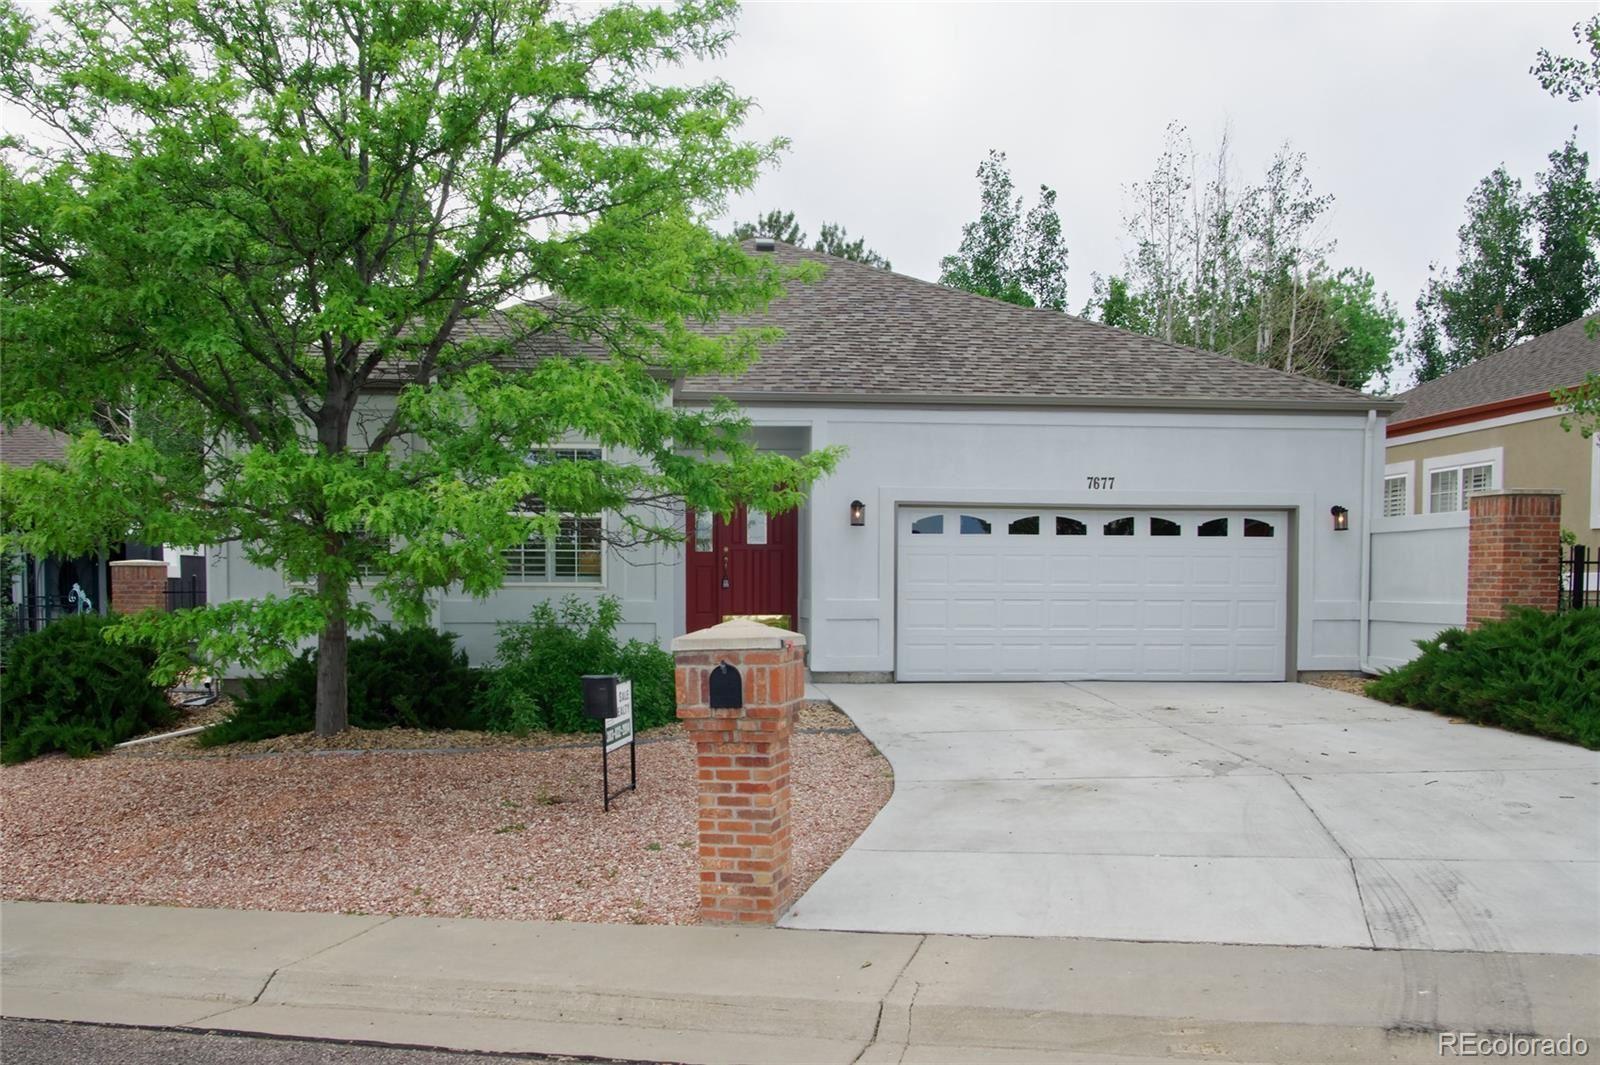 7677 S Platte Canyon Drive, Littleton, CO 80128 - #: 2089620